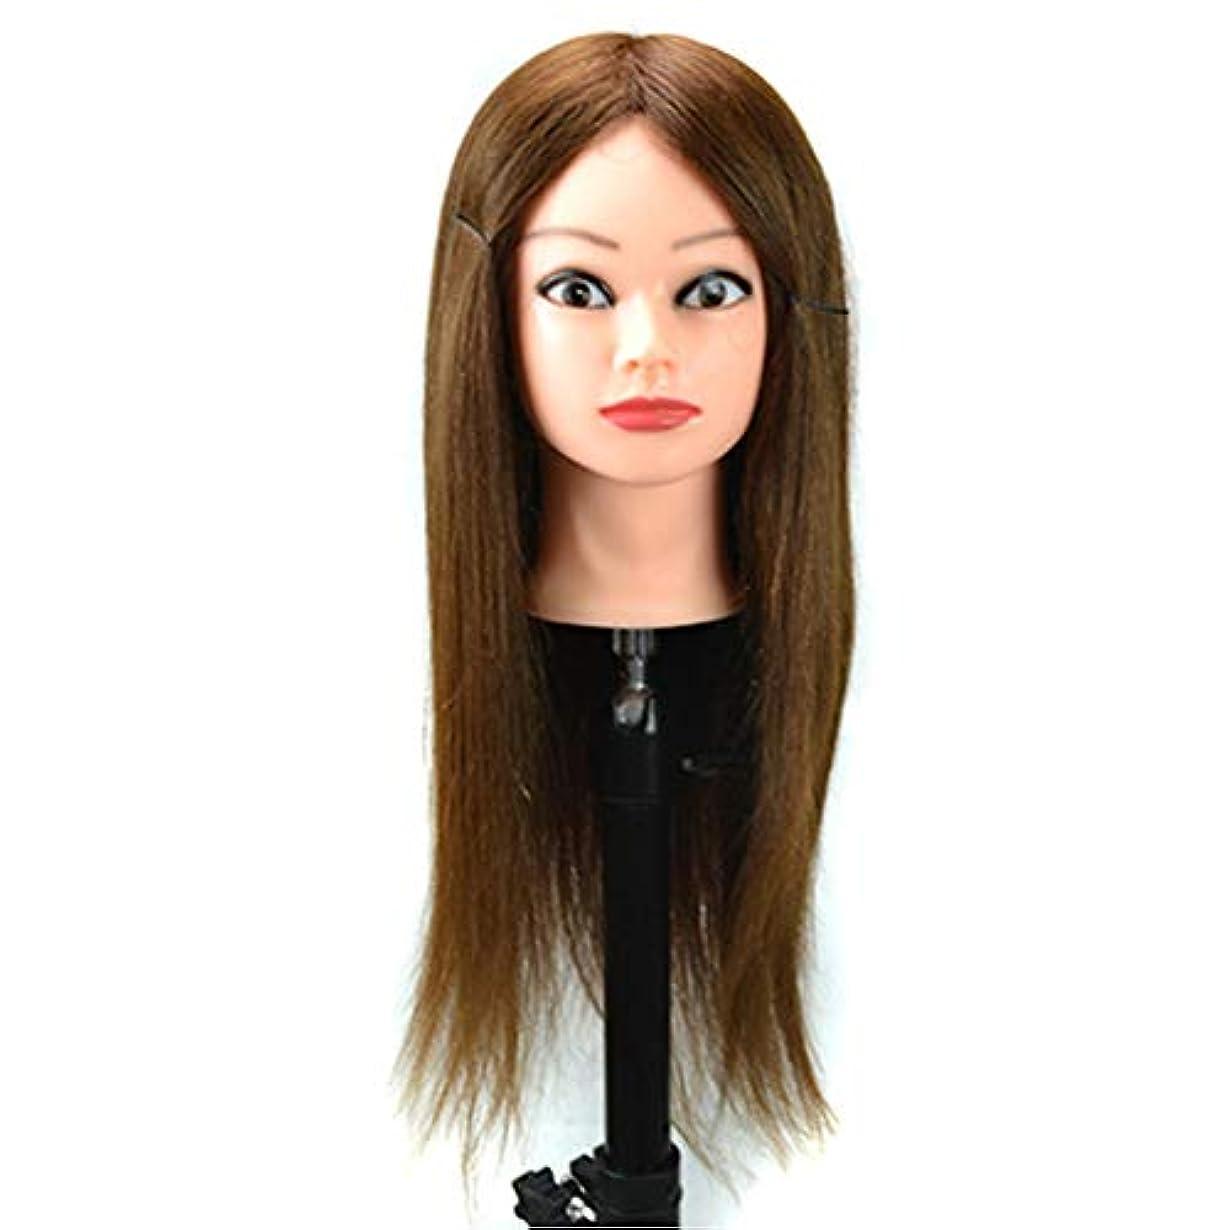 痛い予見する突撃完全な毛は小さいブラケットが付いている熱いロールマネキンの頭部のヘアーサロンのトリミングの頭部の花嫁の形の毛の訓練の頭部である場合もあります,Brown